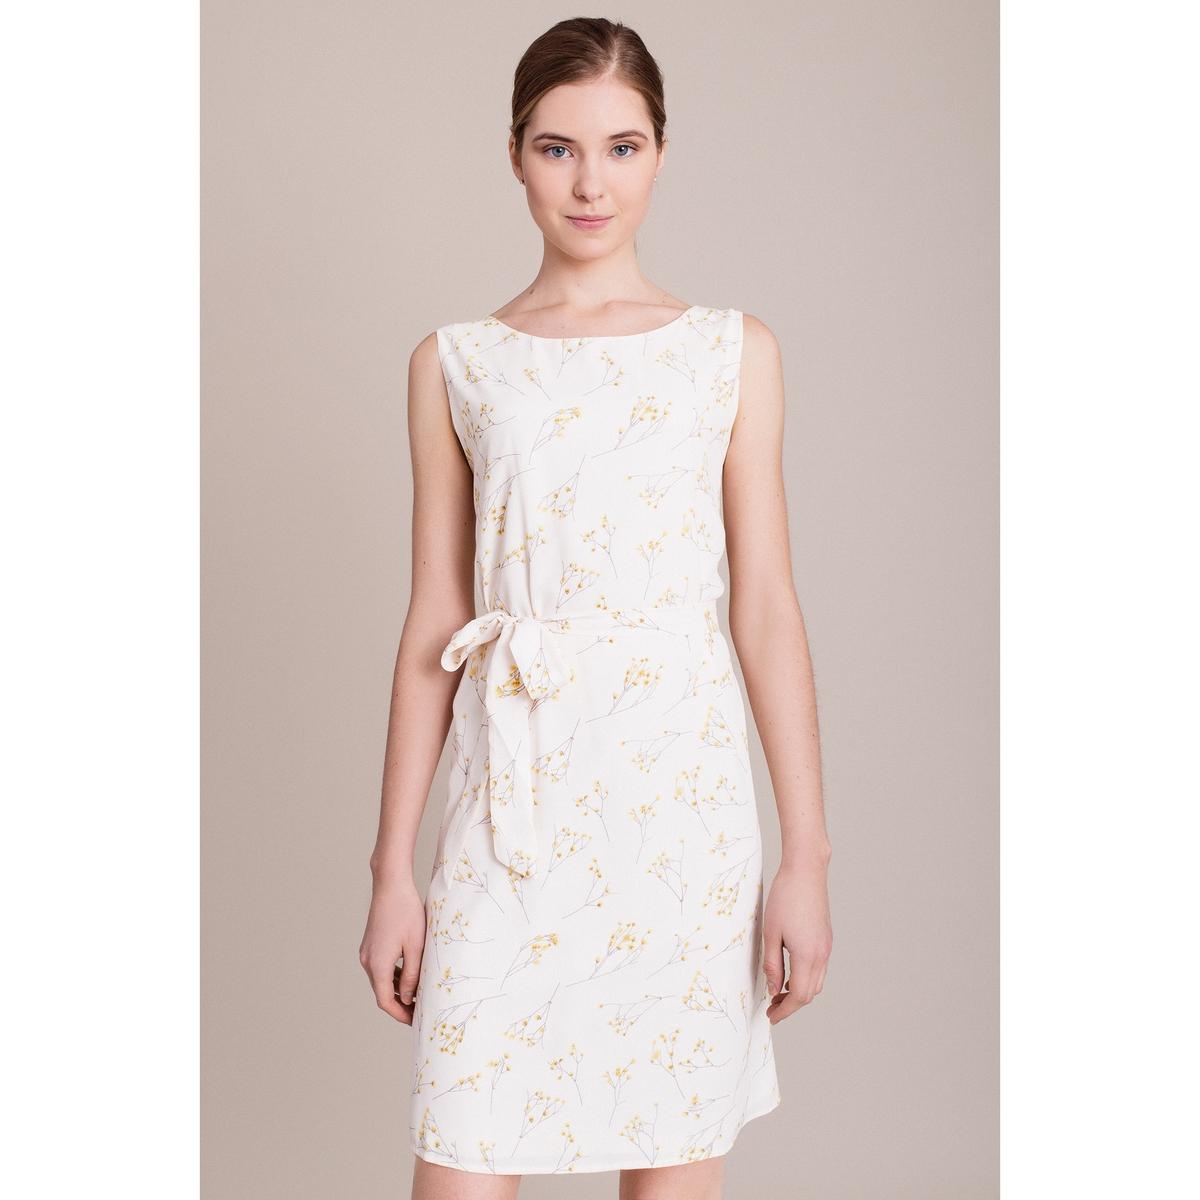 Платье с рисунком без рукавовХарактеристики и описание    Материал         100% полиэстера        Марка    MIGLE+ME<br><br>Цвет: экрю/рисунок<br>Размер: M